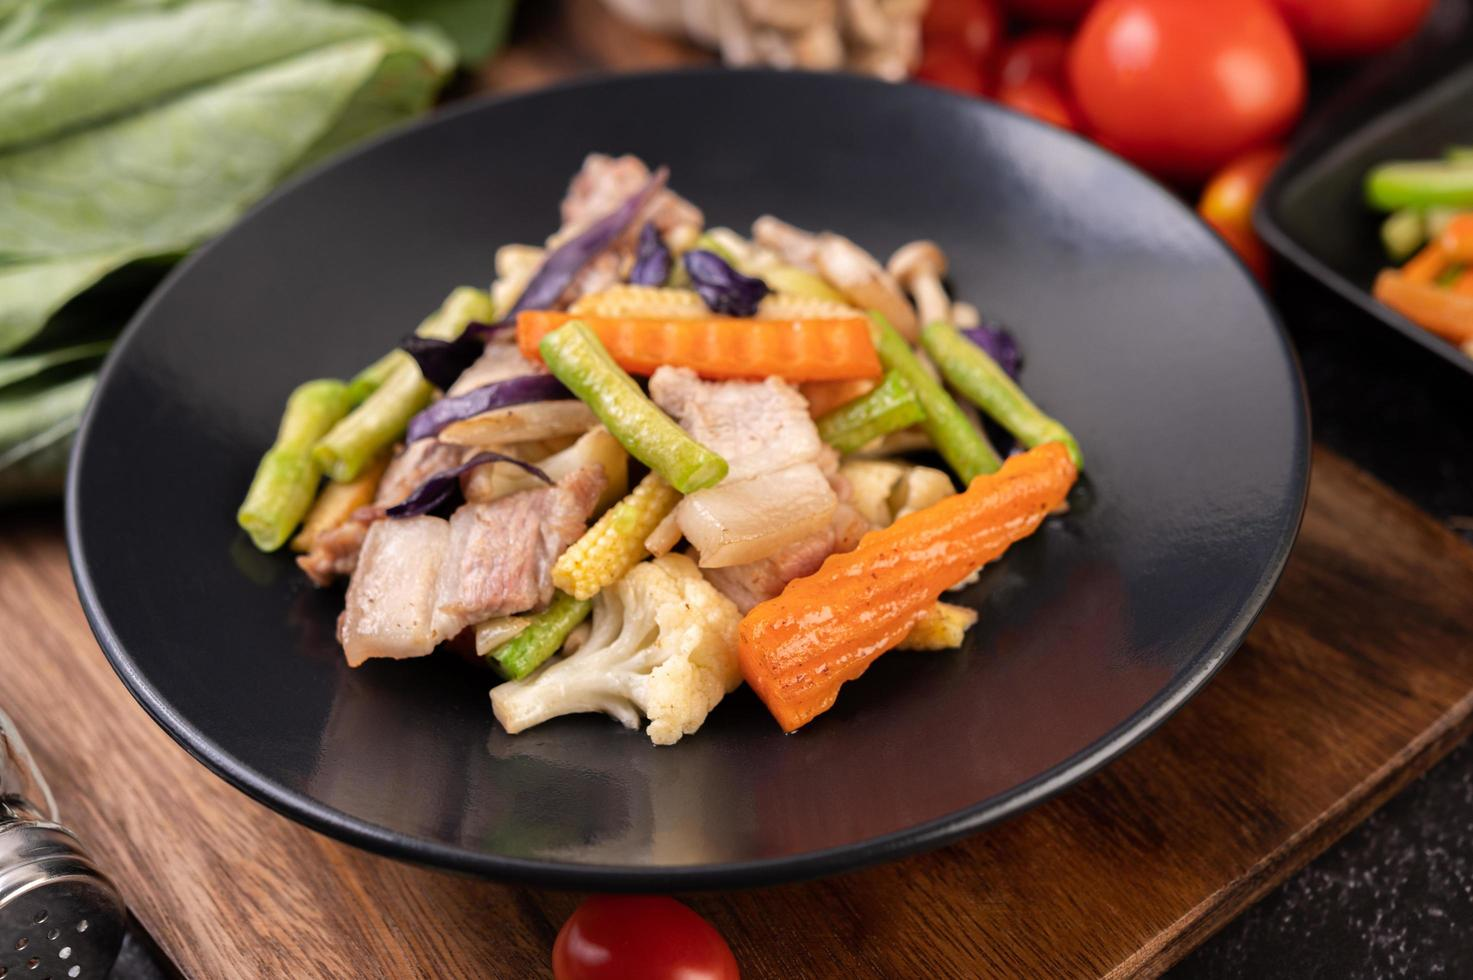 sofreír verduras con panceta de cerdo foto